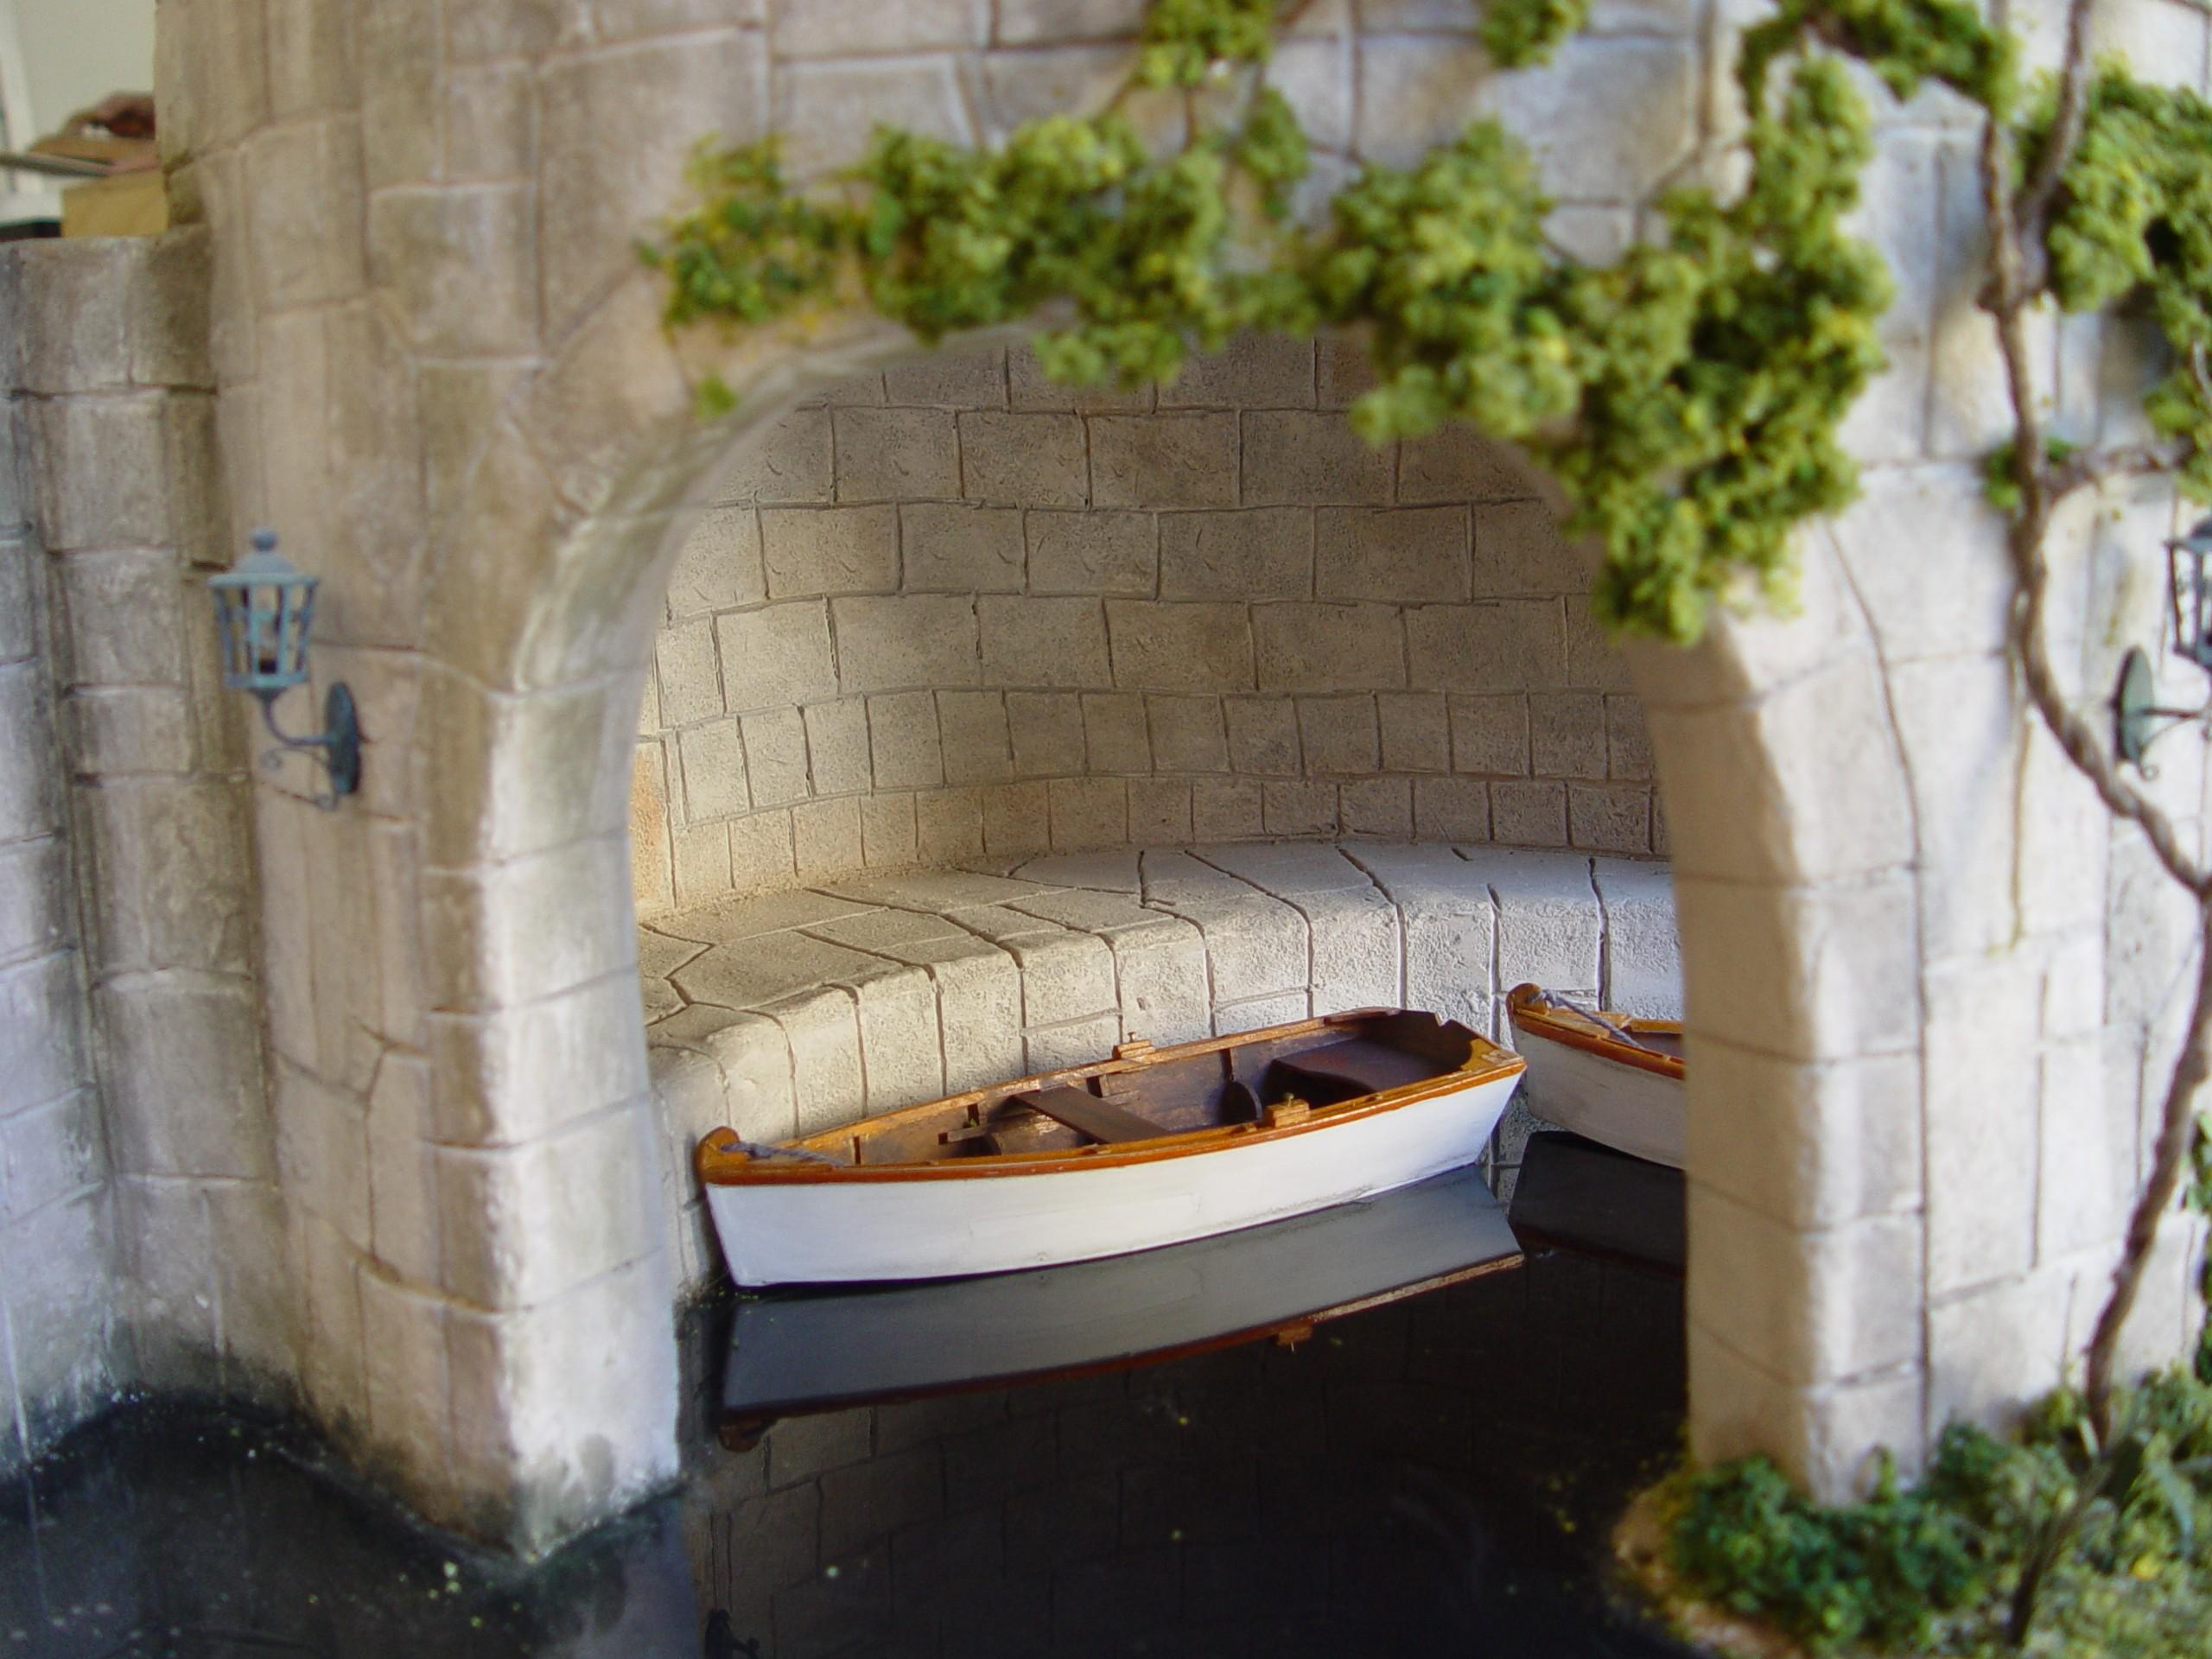 Boat Resting in Alcove